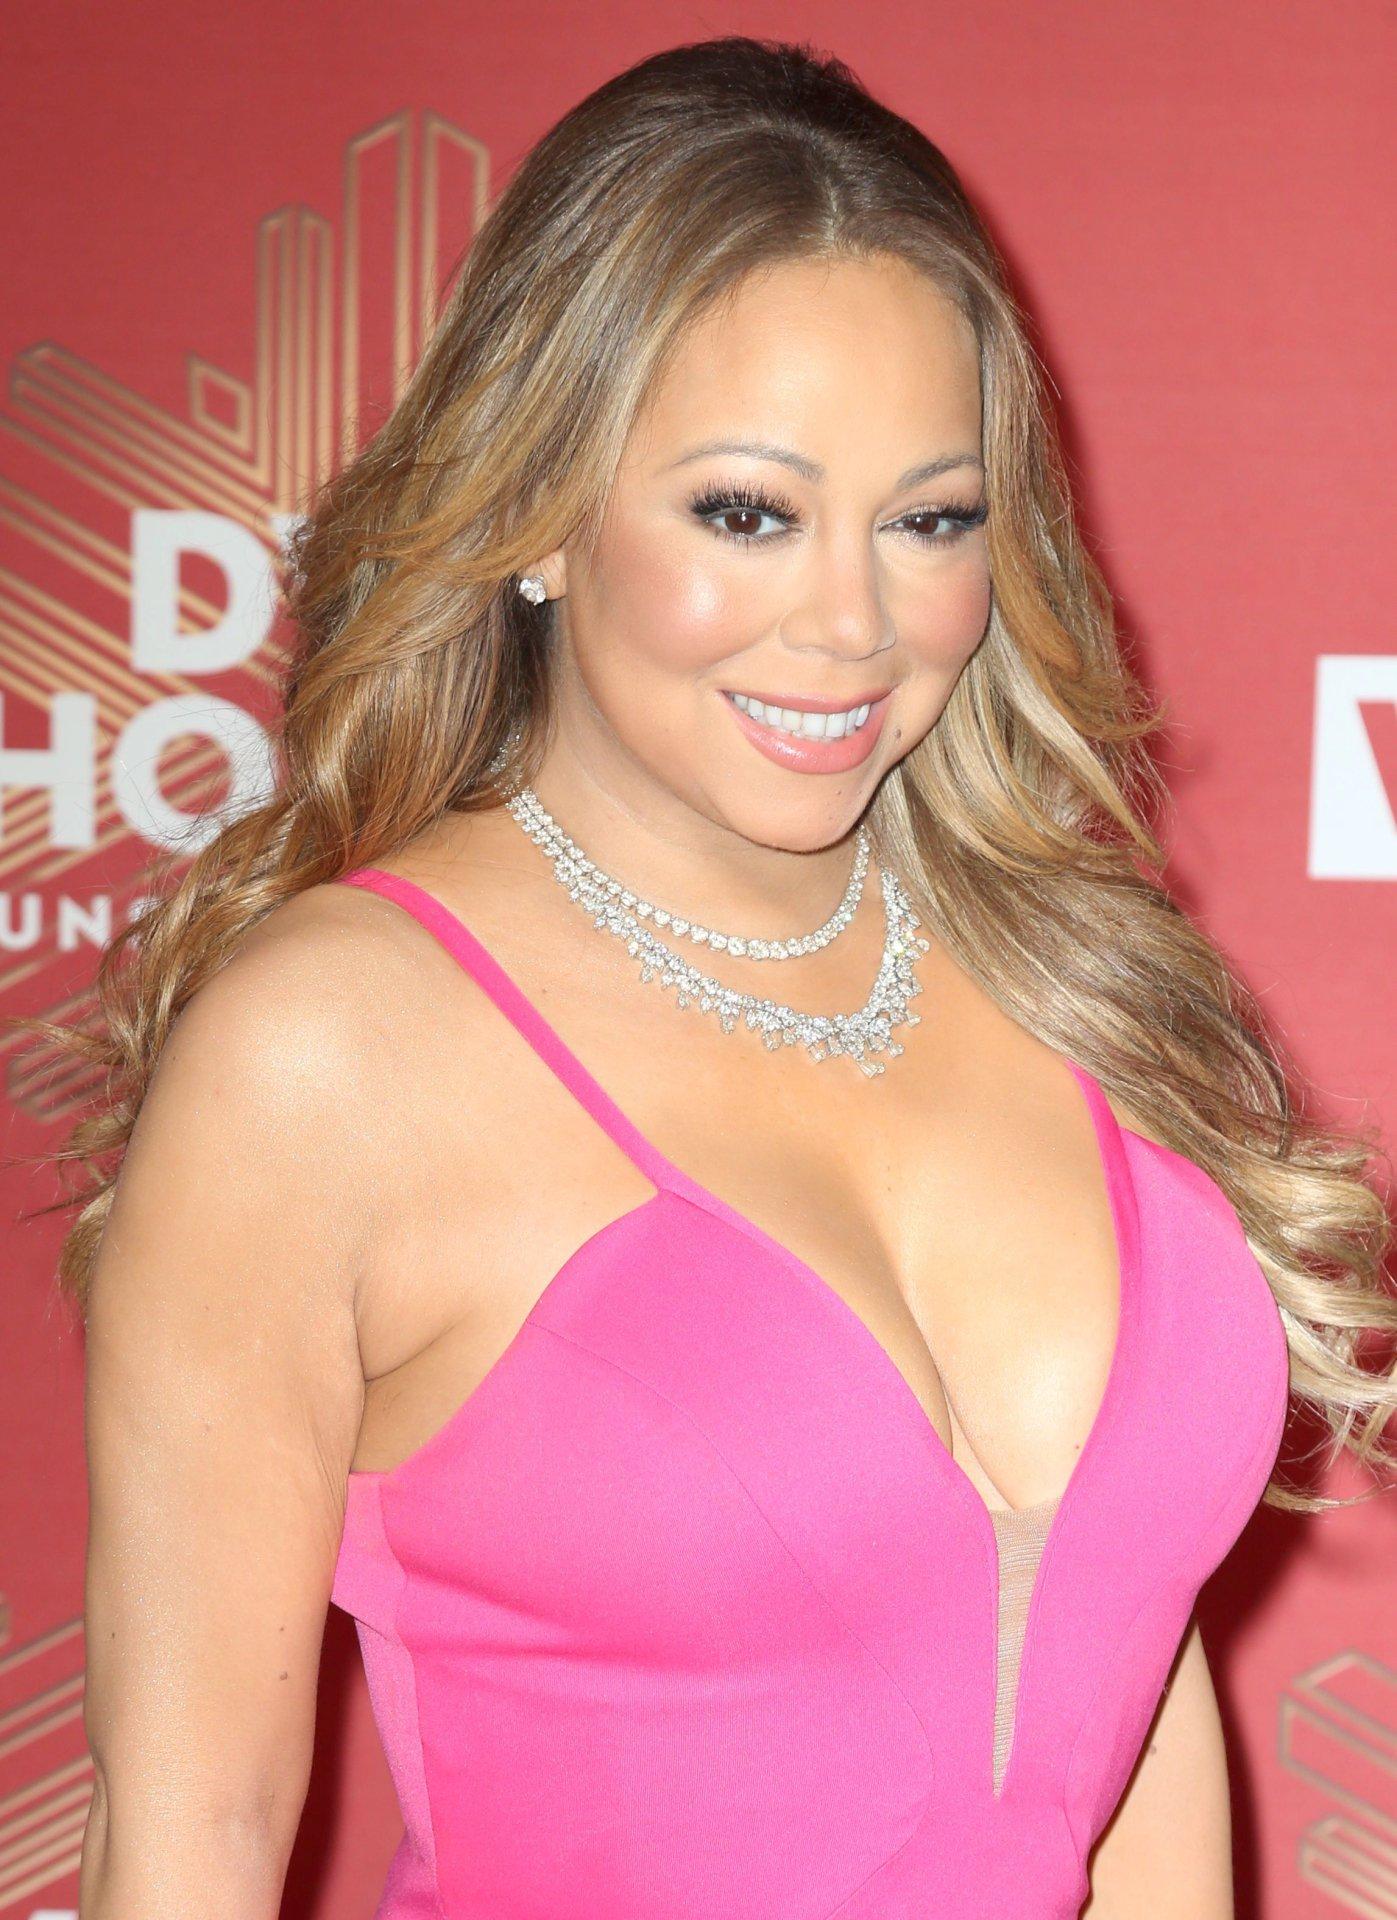 Mariah carey 27 hot celebs home - Mariah carey diva ...